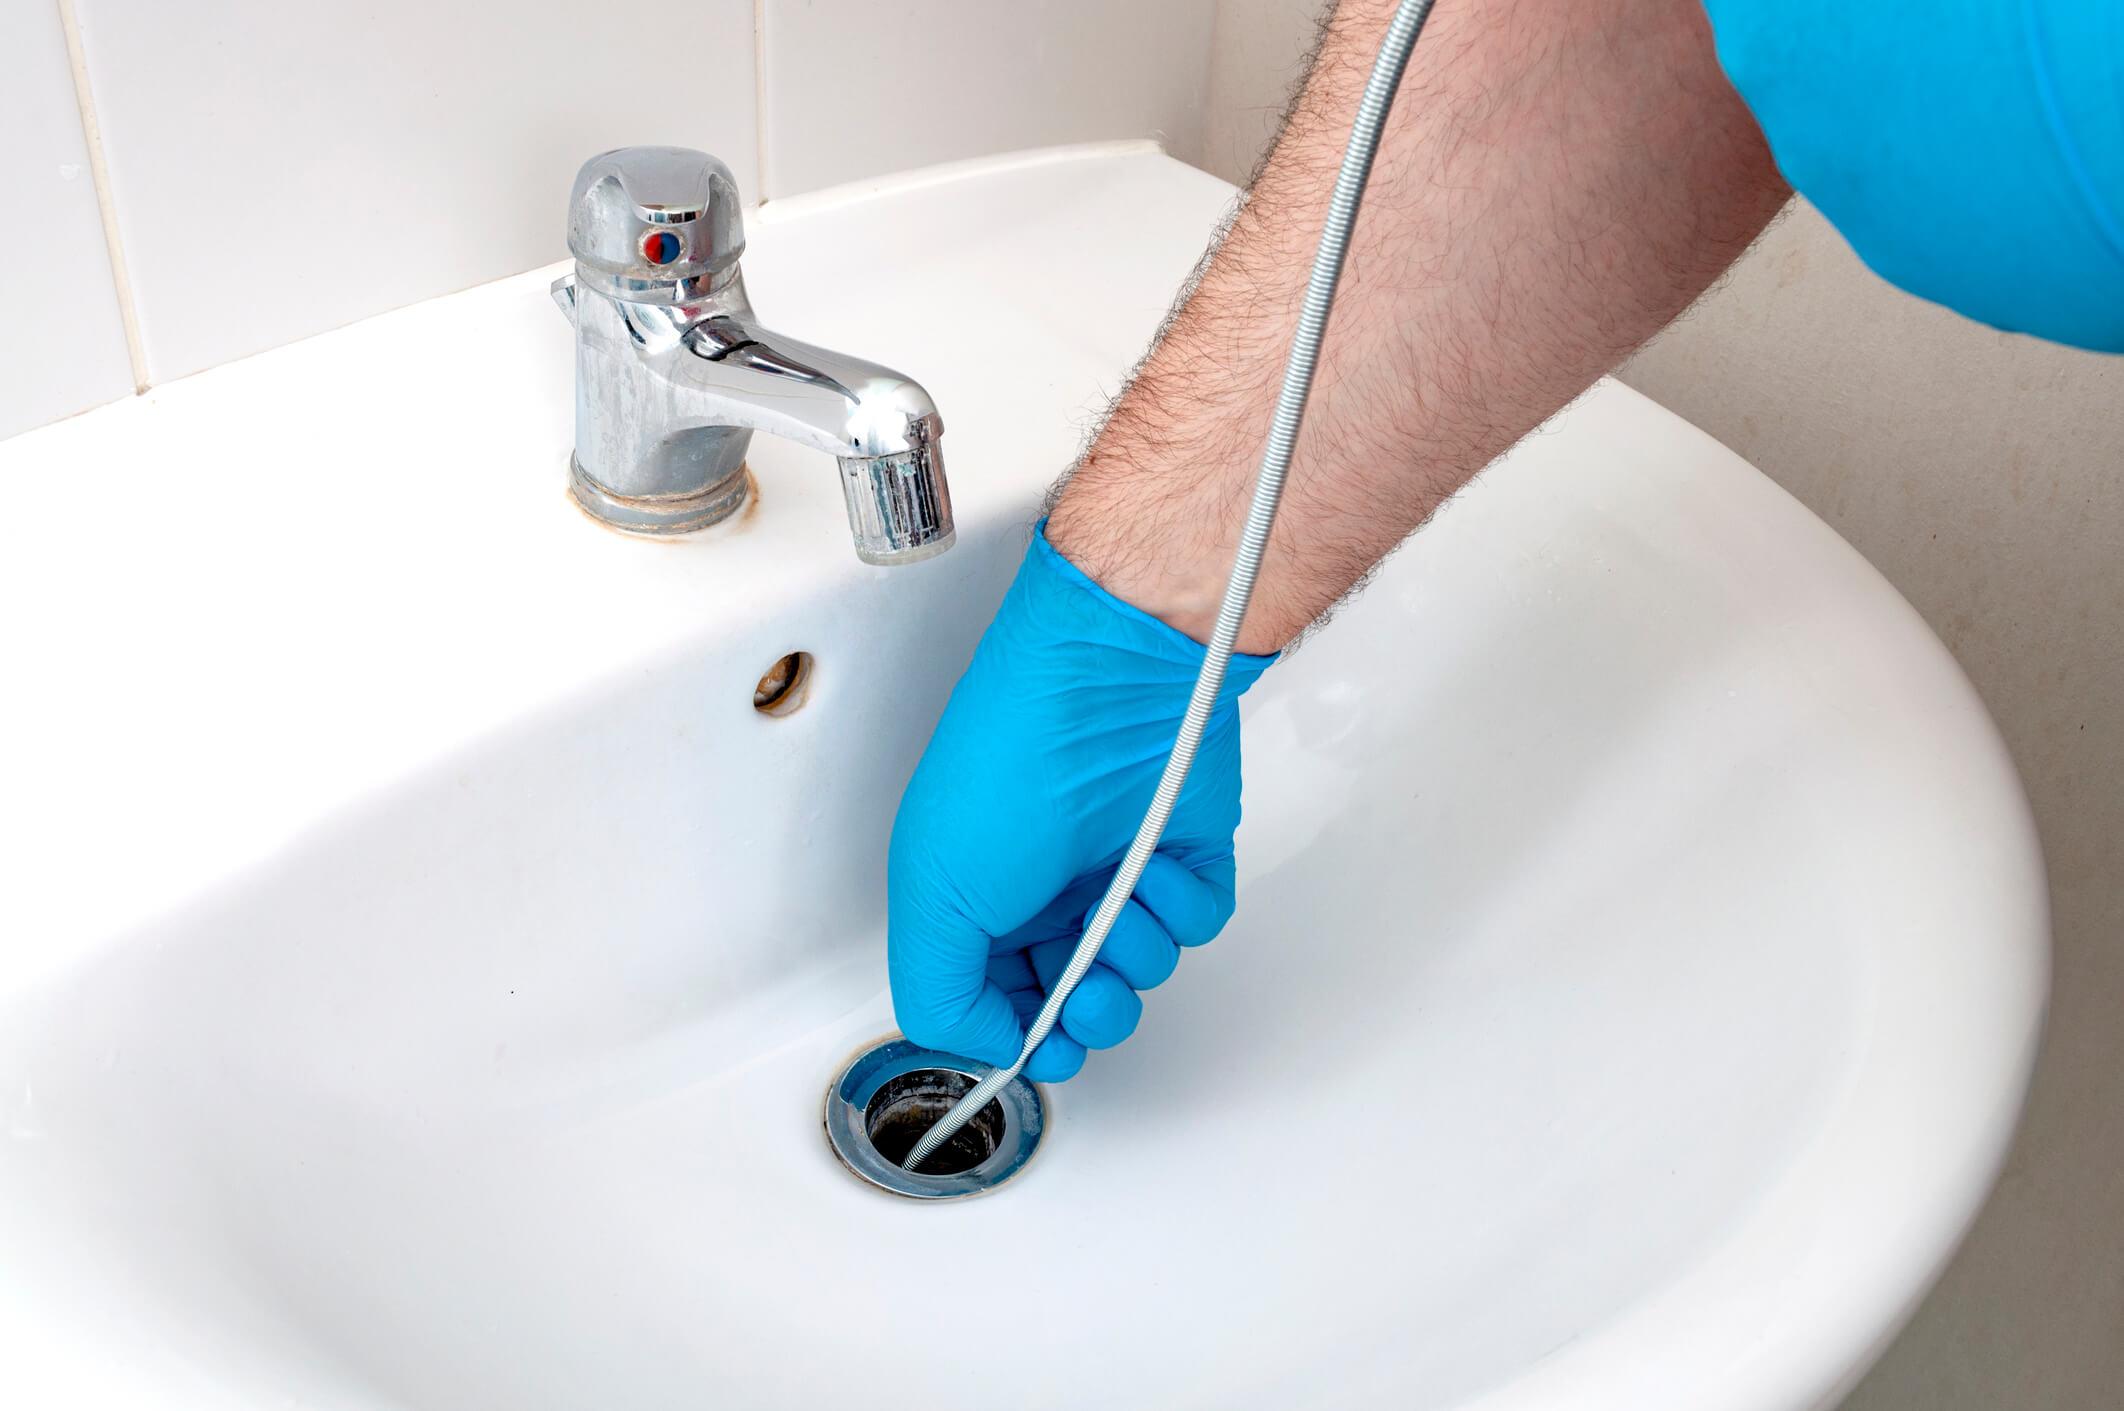 Man using a plumbing snake in sink